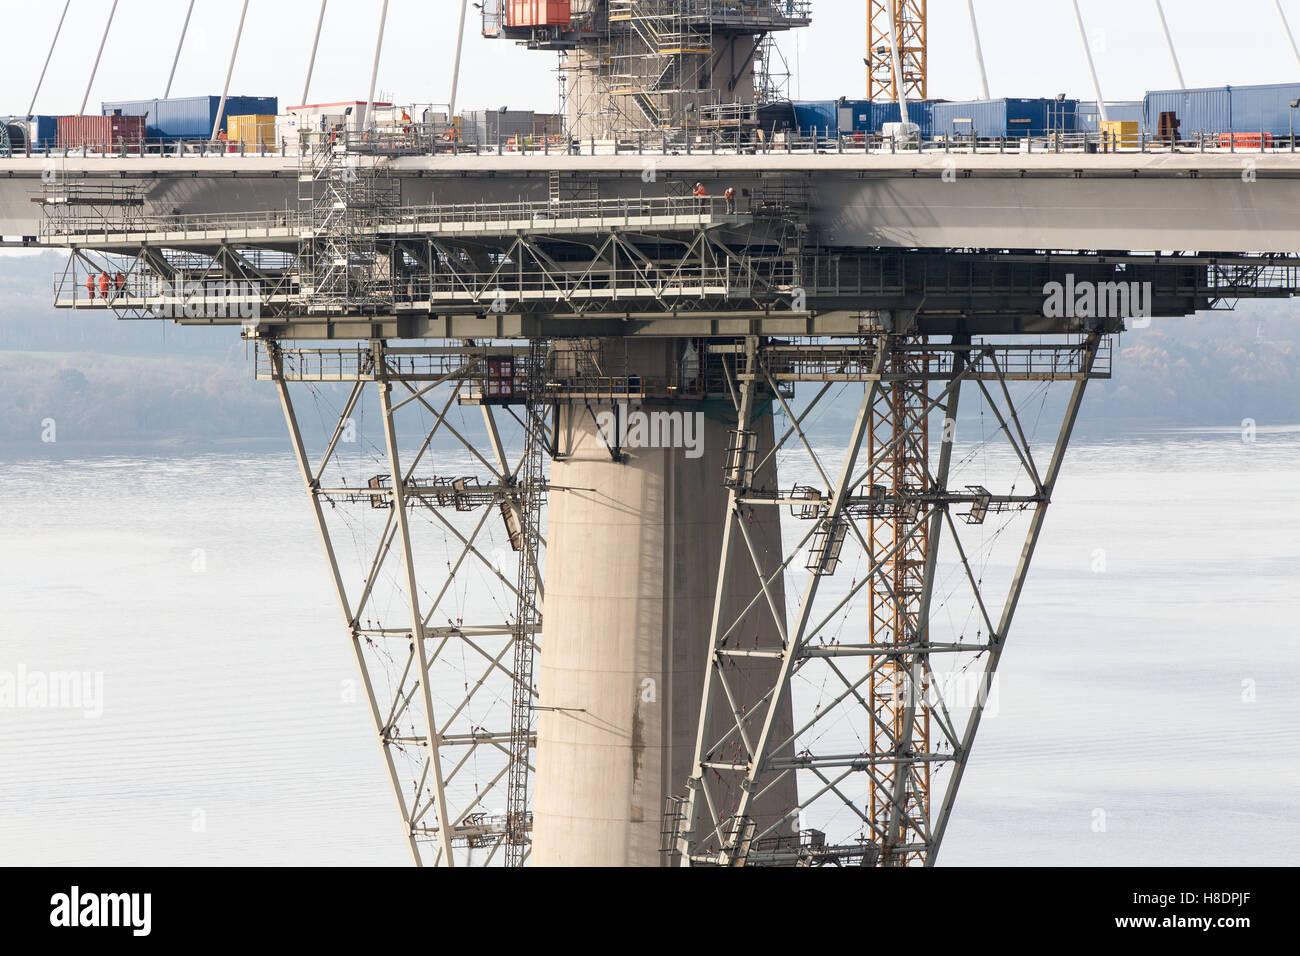 Queensferry, Edinburgh, Ecosse, 11 septembre, novembre, 2016. Forth Bridges. La 2ème rue pont est presque terminée, et cette photo illustre les travaux de construction et d'assemblages de la jetée nord et ponton. Phil Hutchinson/Alamy Live News Banque D'Images